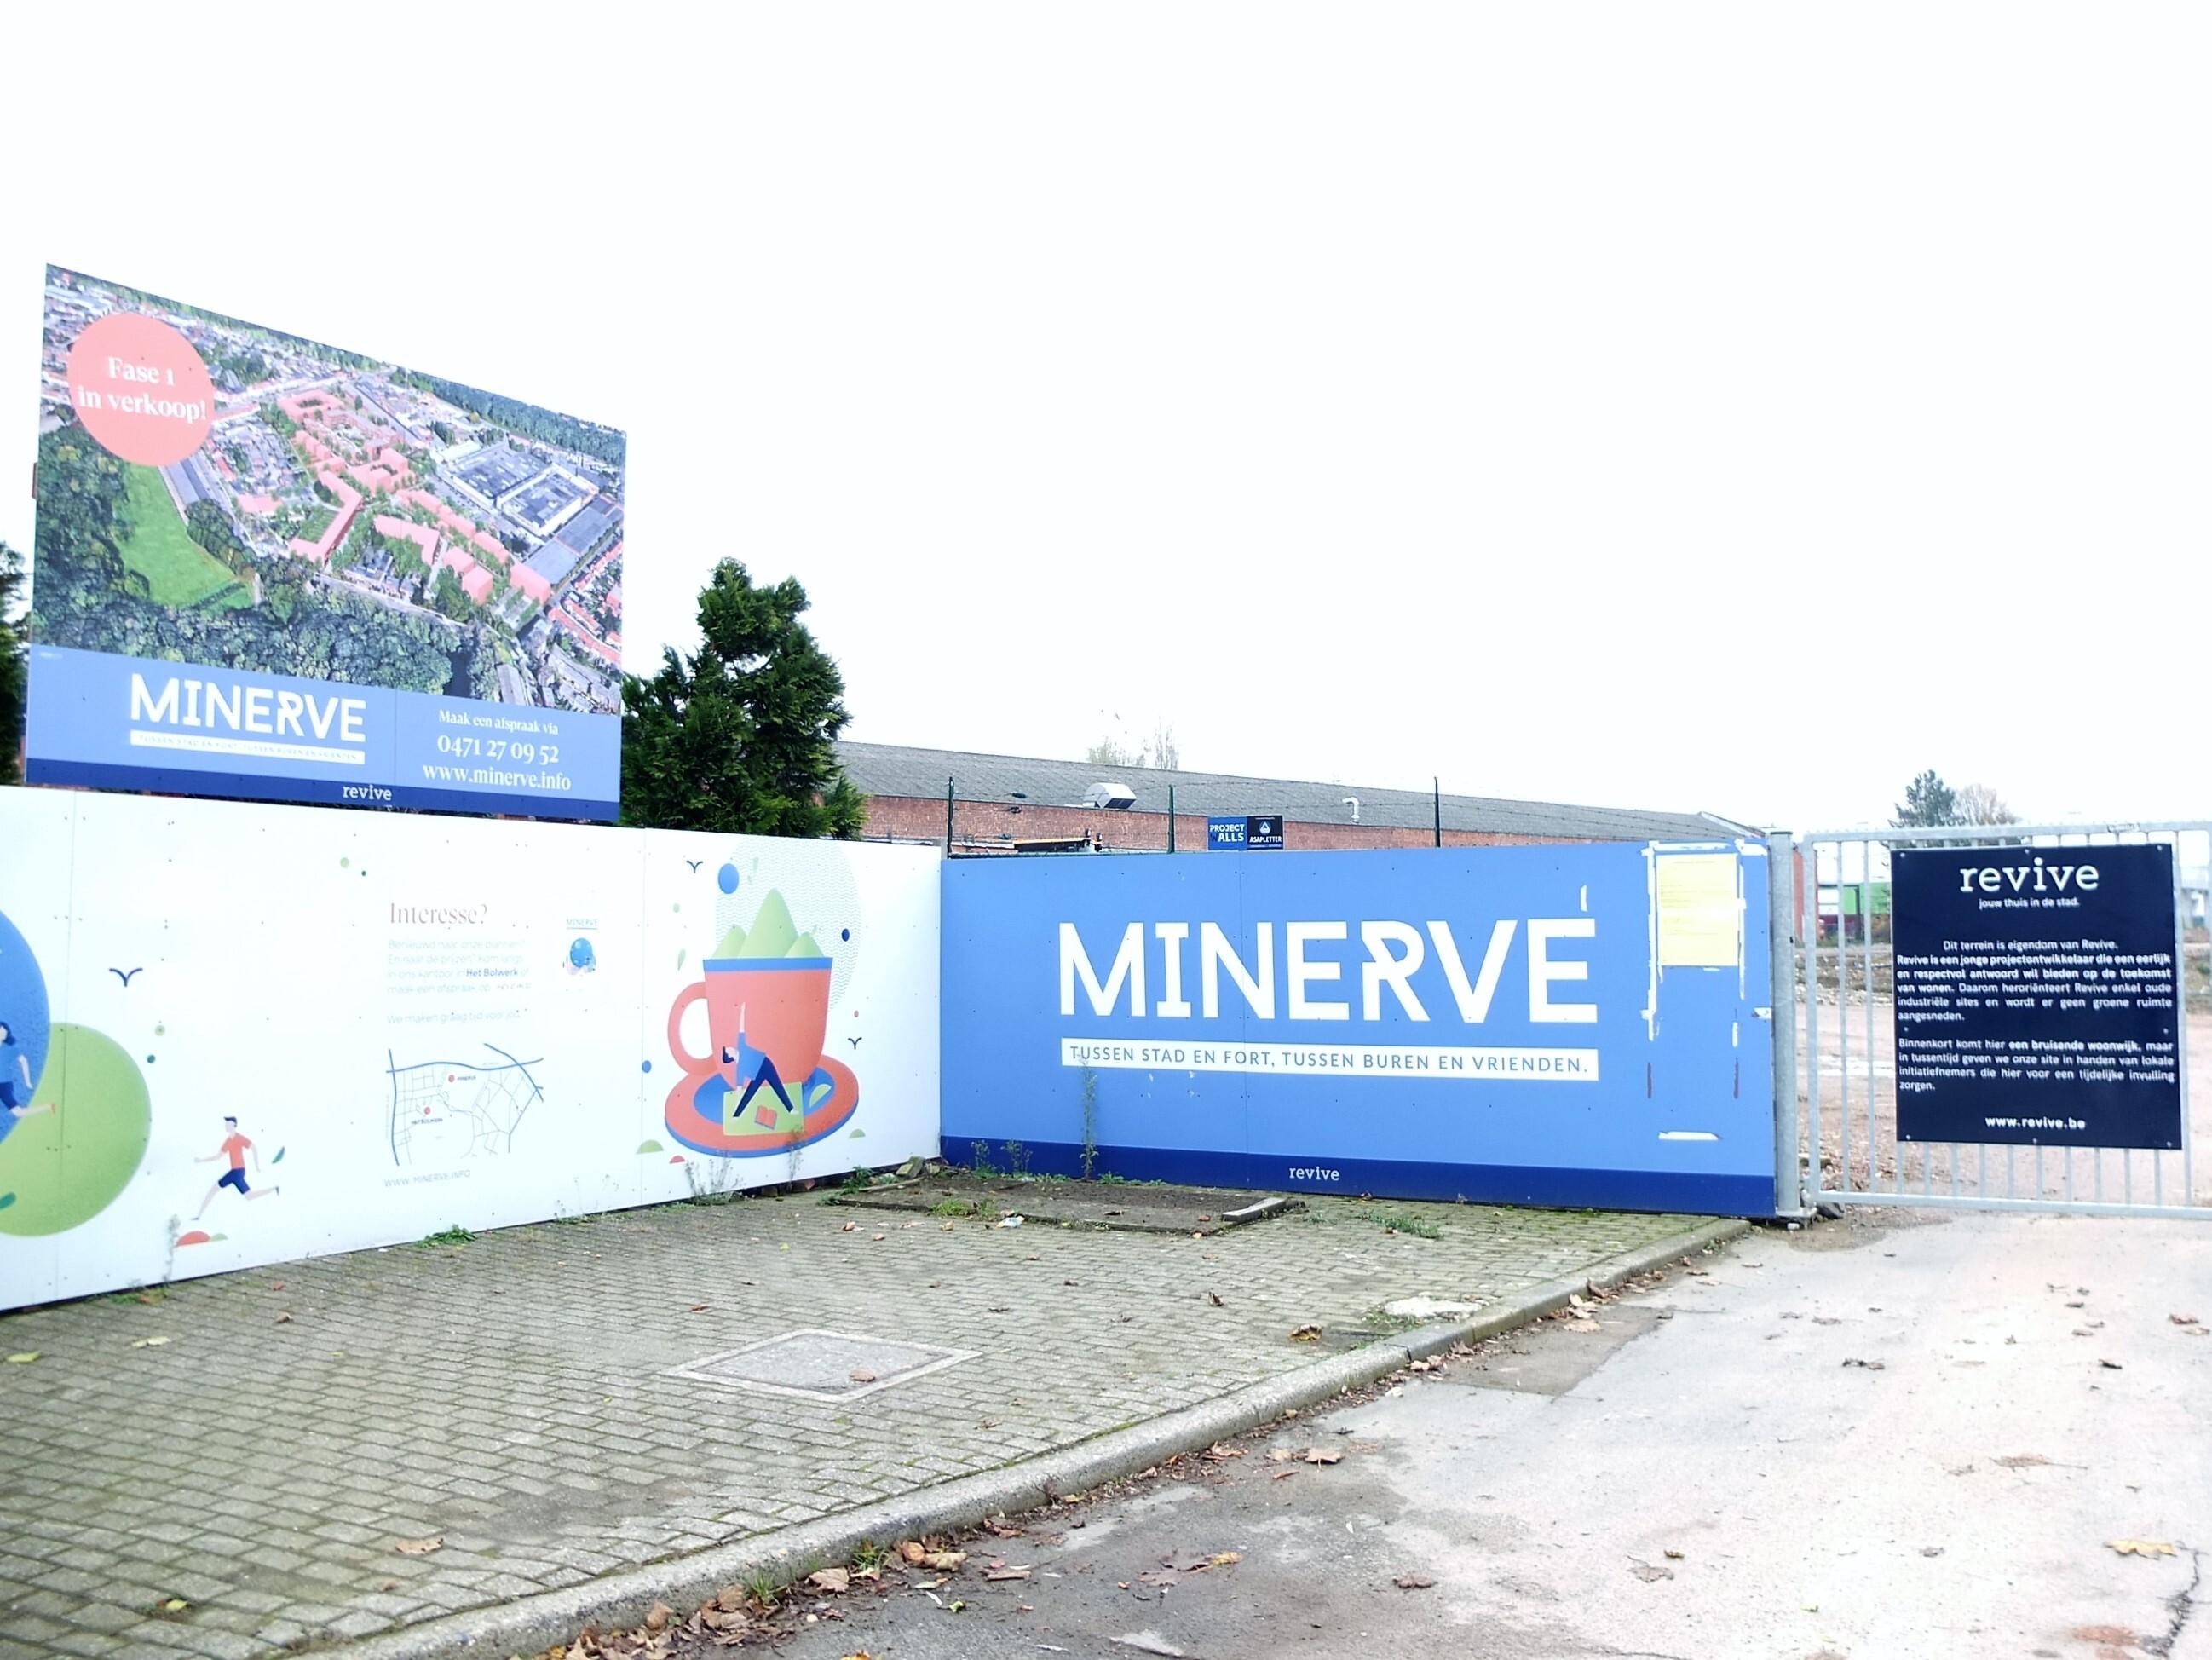 Het warmtenet aangelegd wordt aangelegd op de Minerve-site waar projectontwikkelaar Revive de gemengde woonwijk bouwt